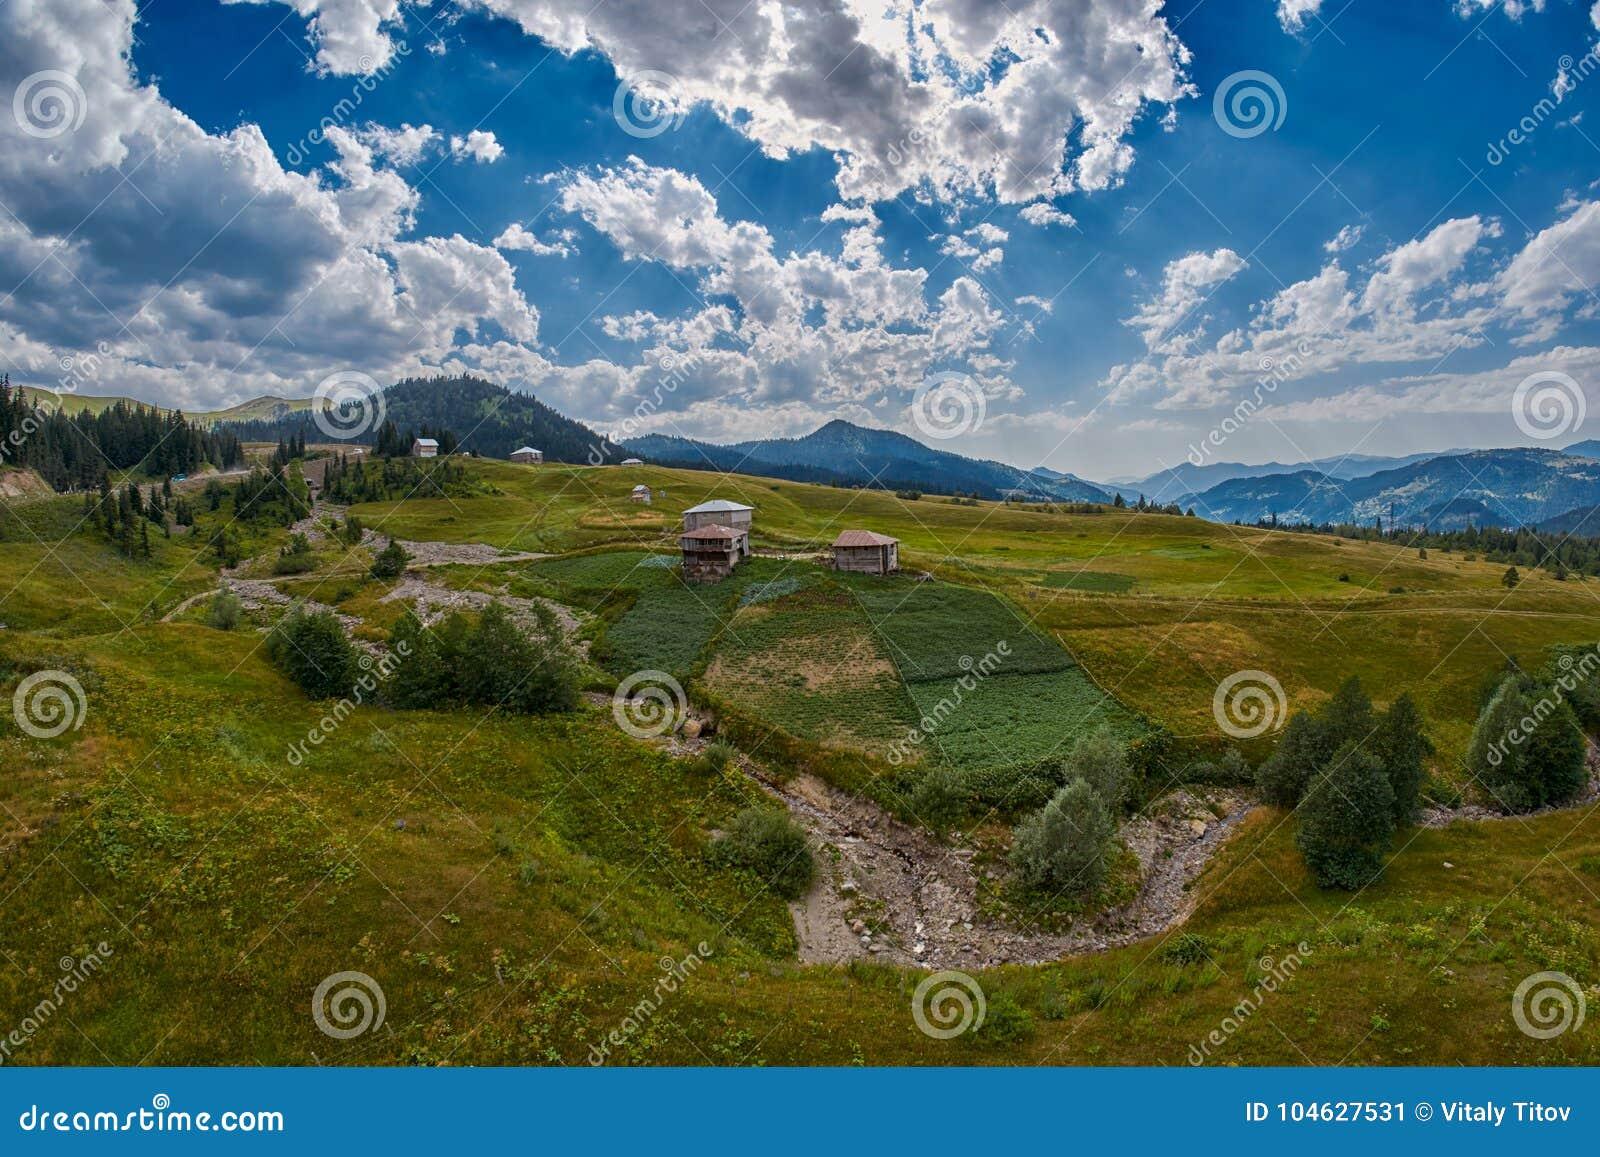 Download Het Dorp Van Het Adjaraplatteland Stock Afbeelding - Afbeelding bestaande uit landschap, plaats: 104627531